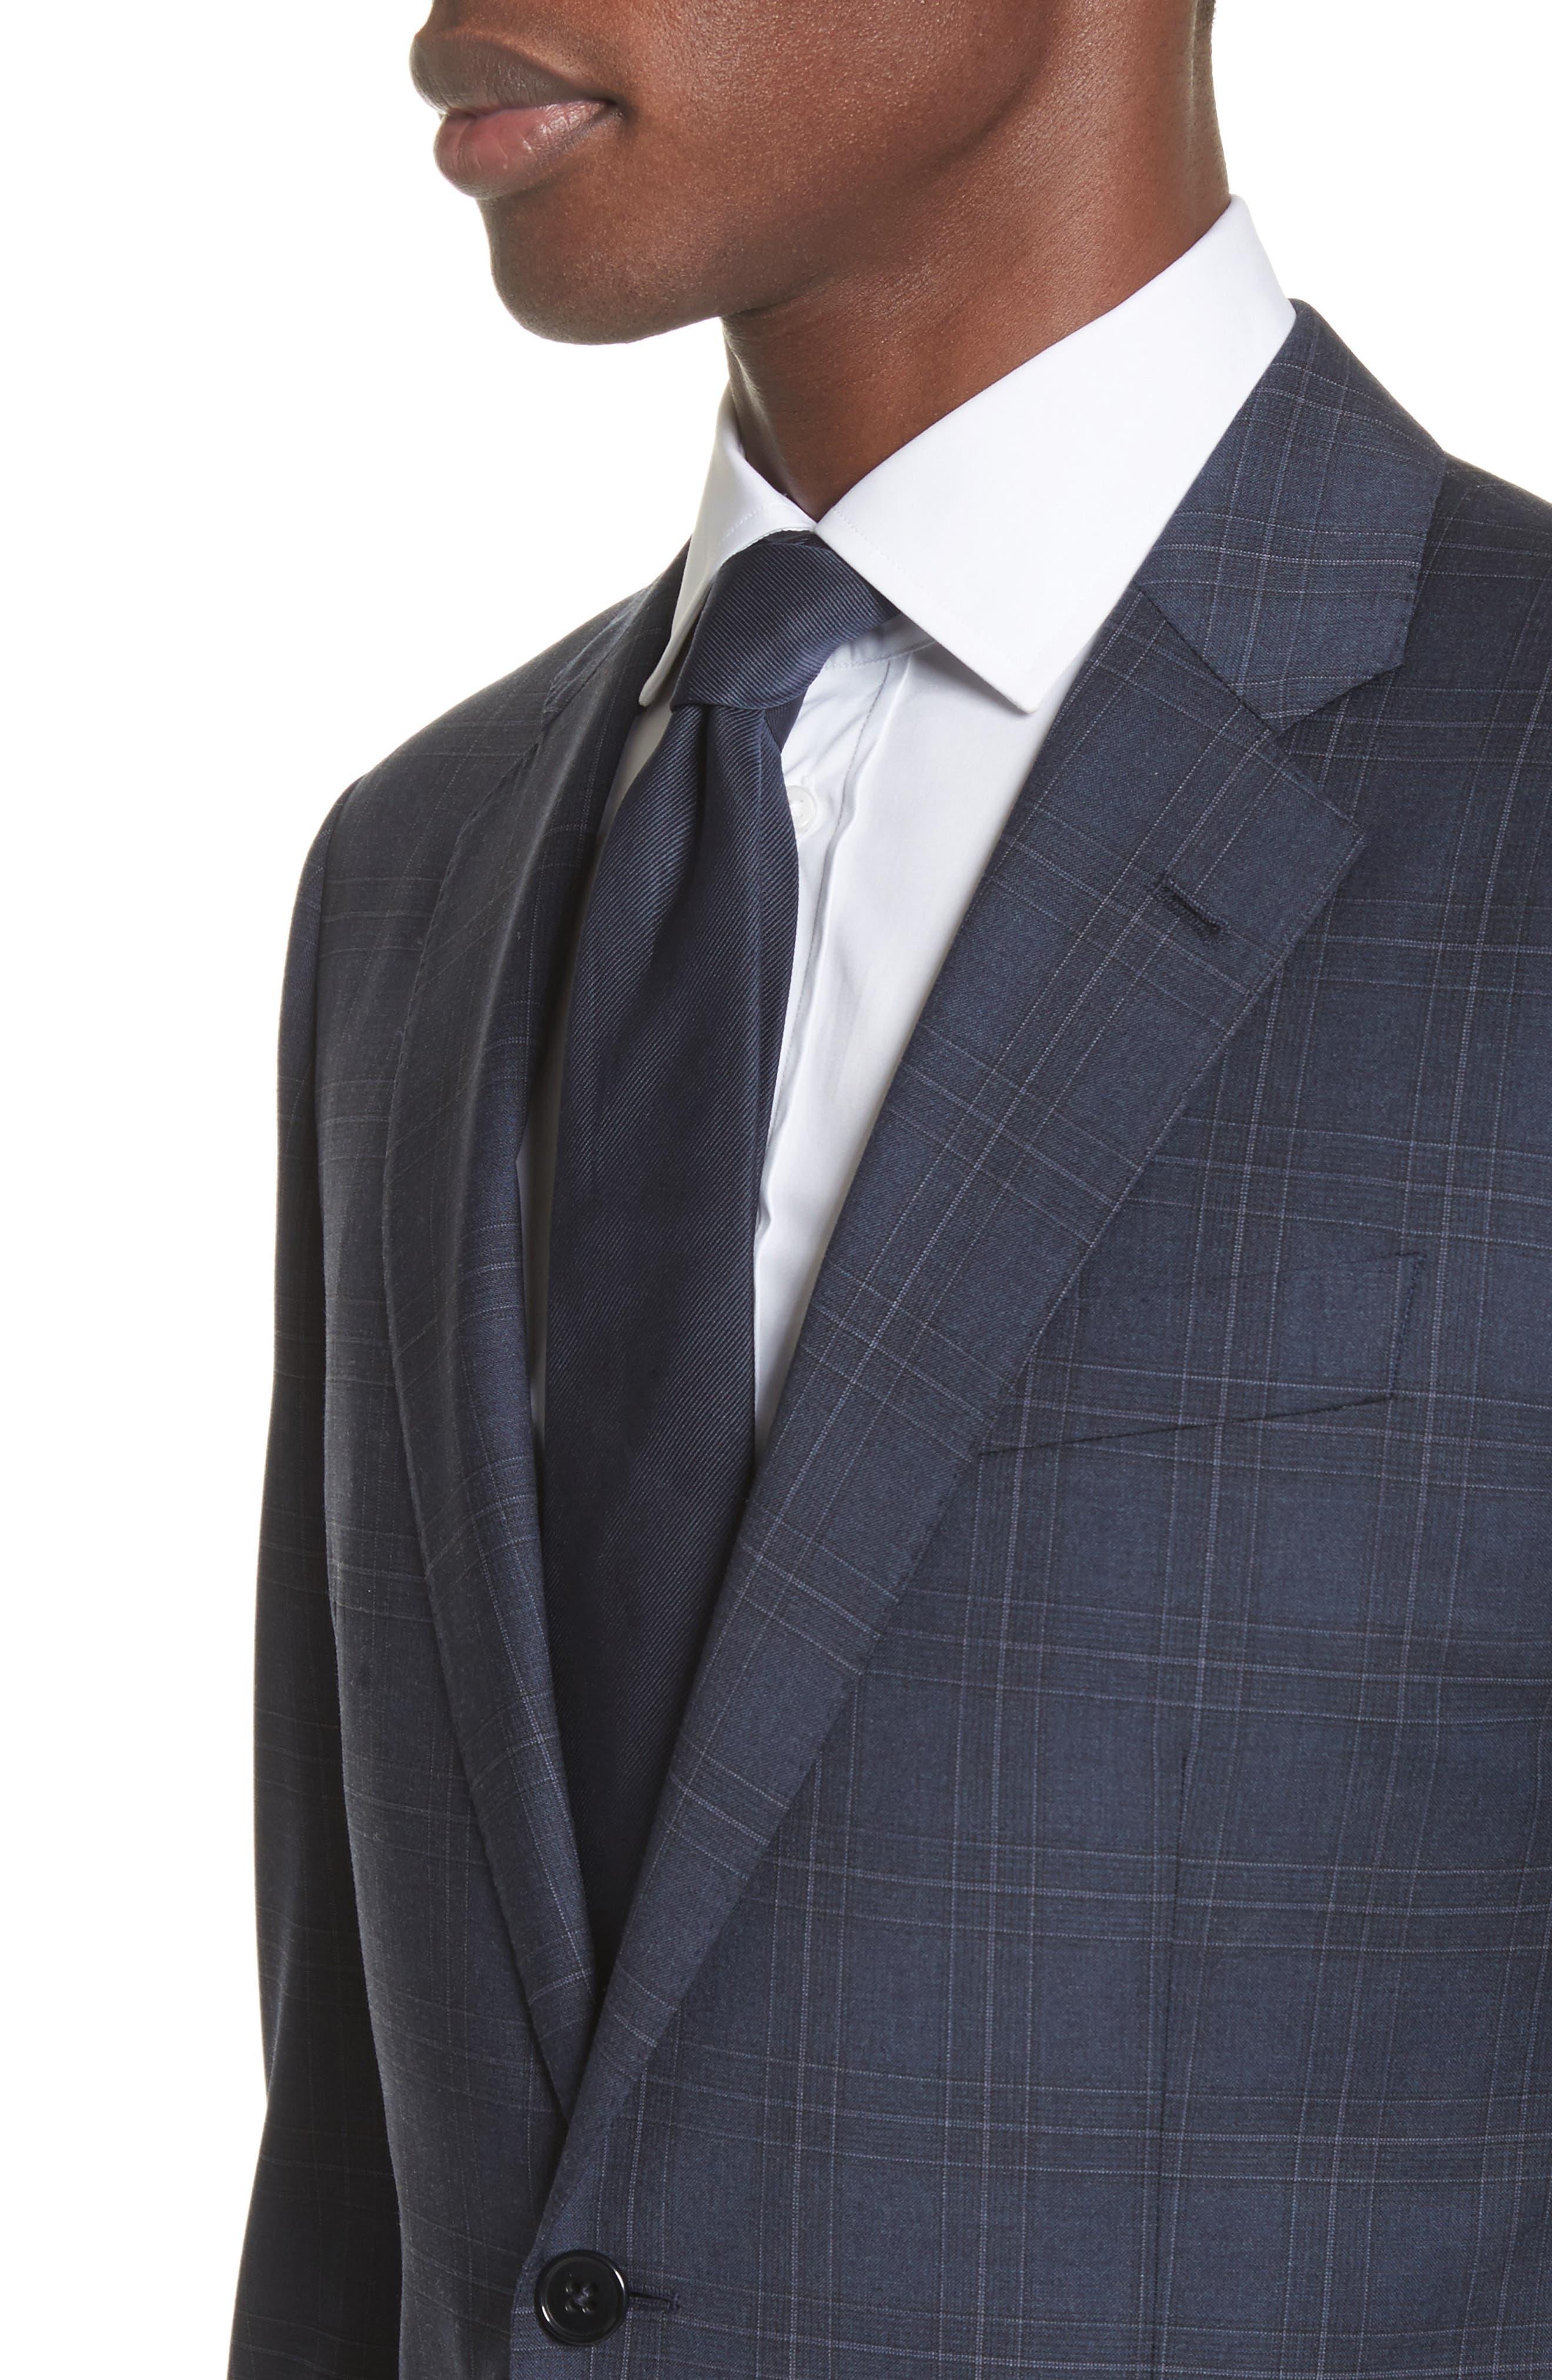 G Line Trim Fit Plaid Wool Suit,                             Alternate thumbnail 4, color,                             Navy